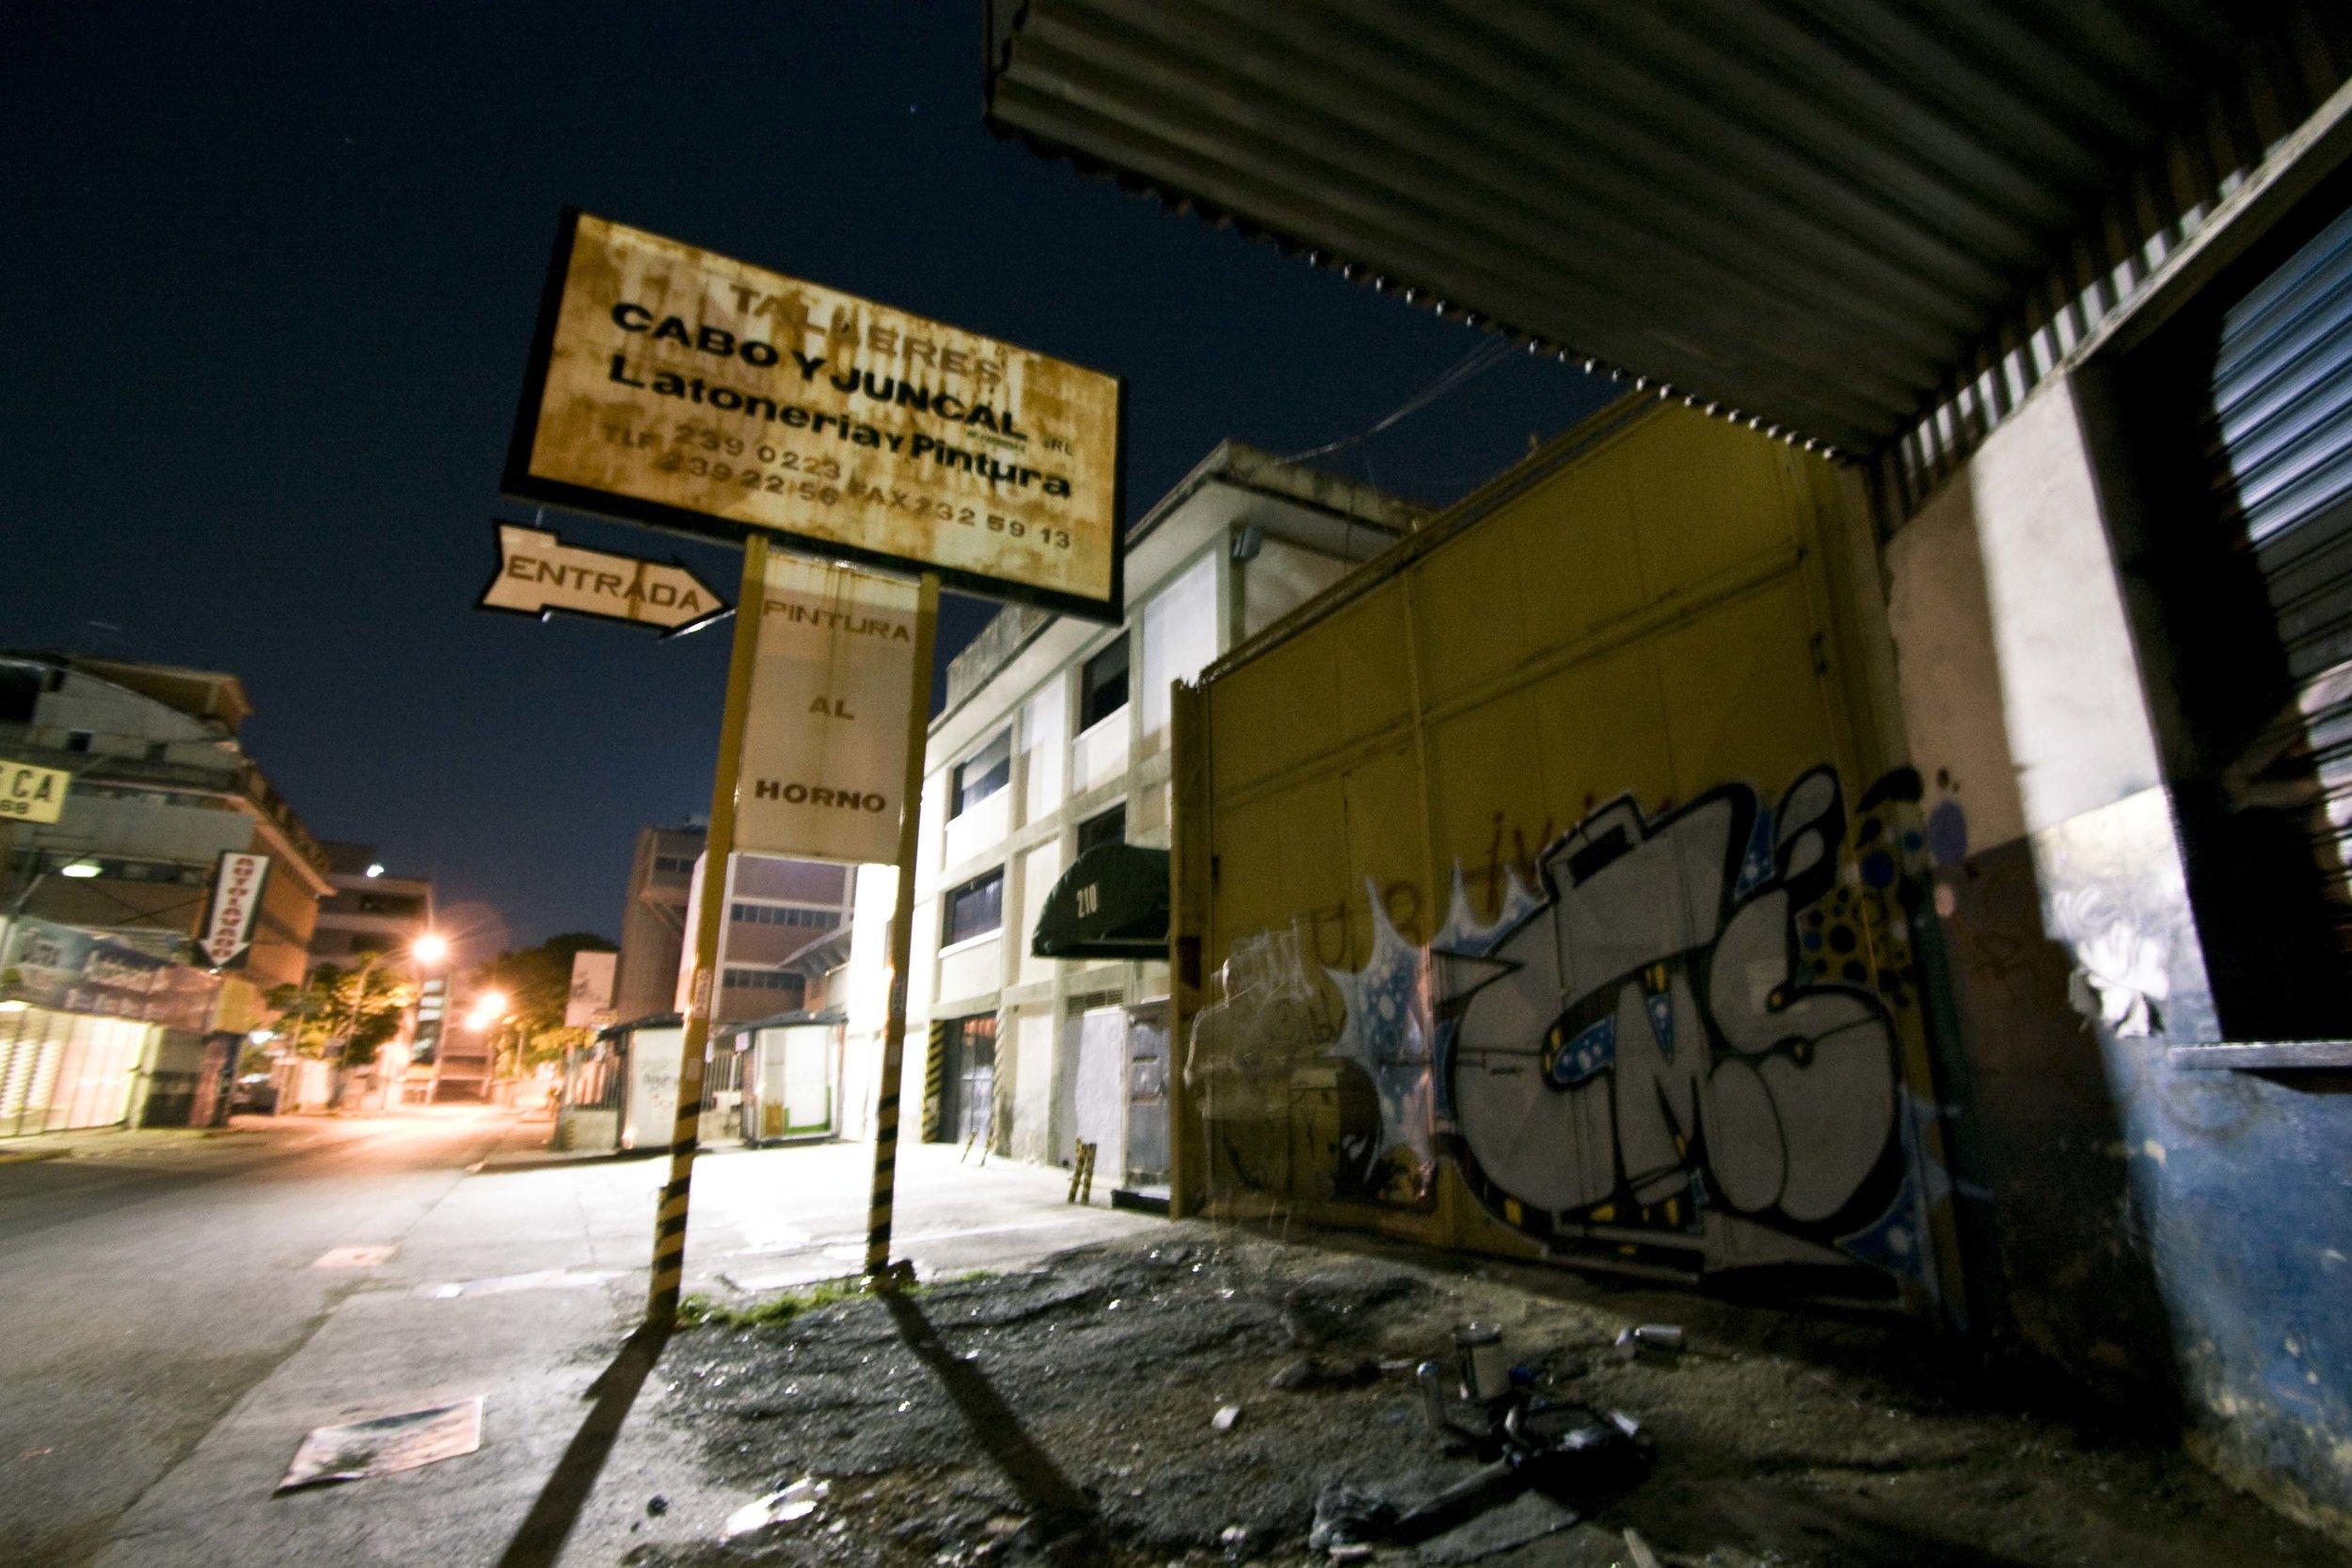 Loureiro_Caracas by Night_09.jpg